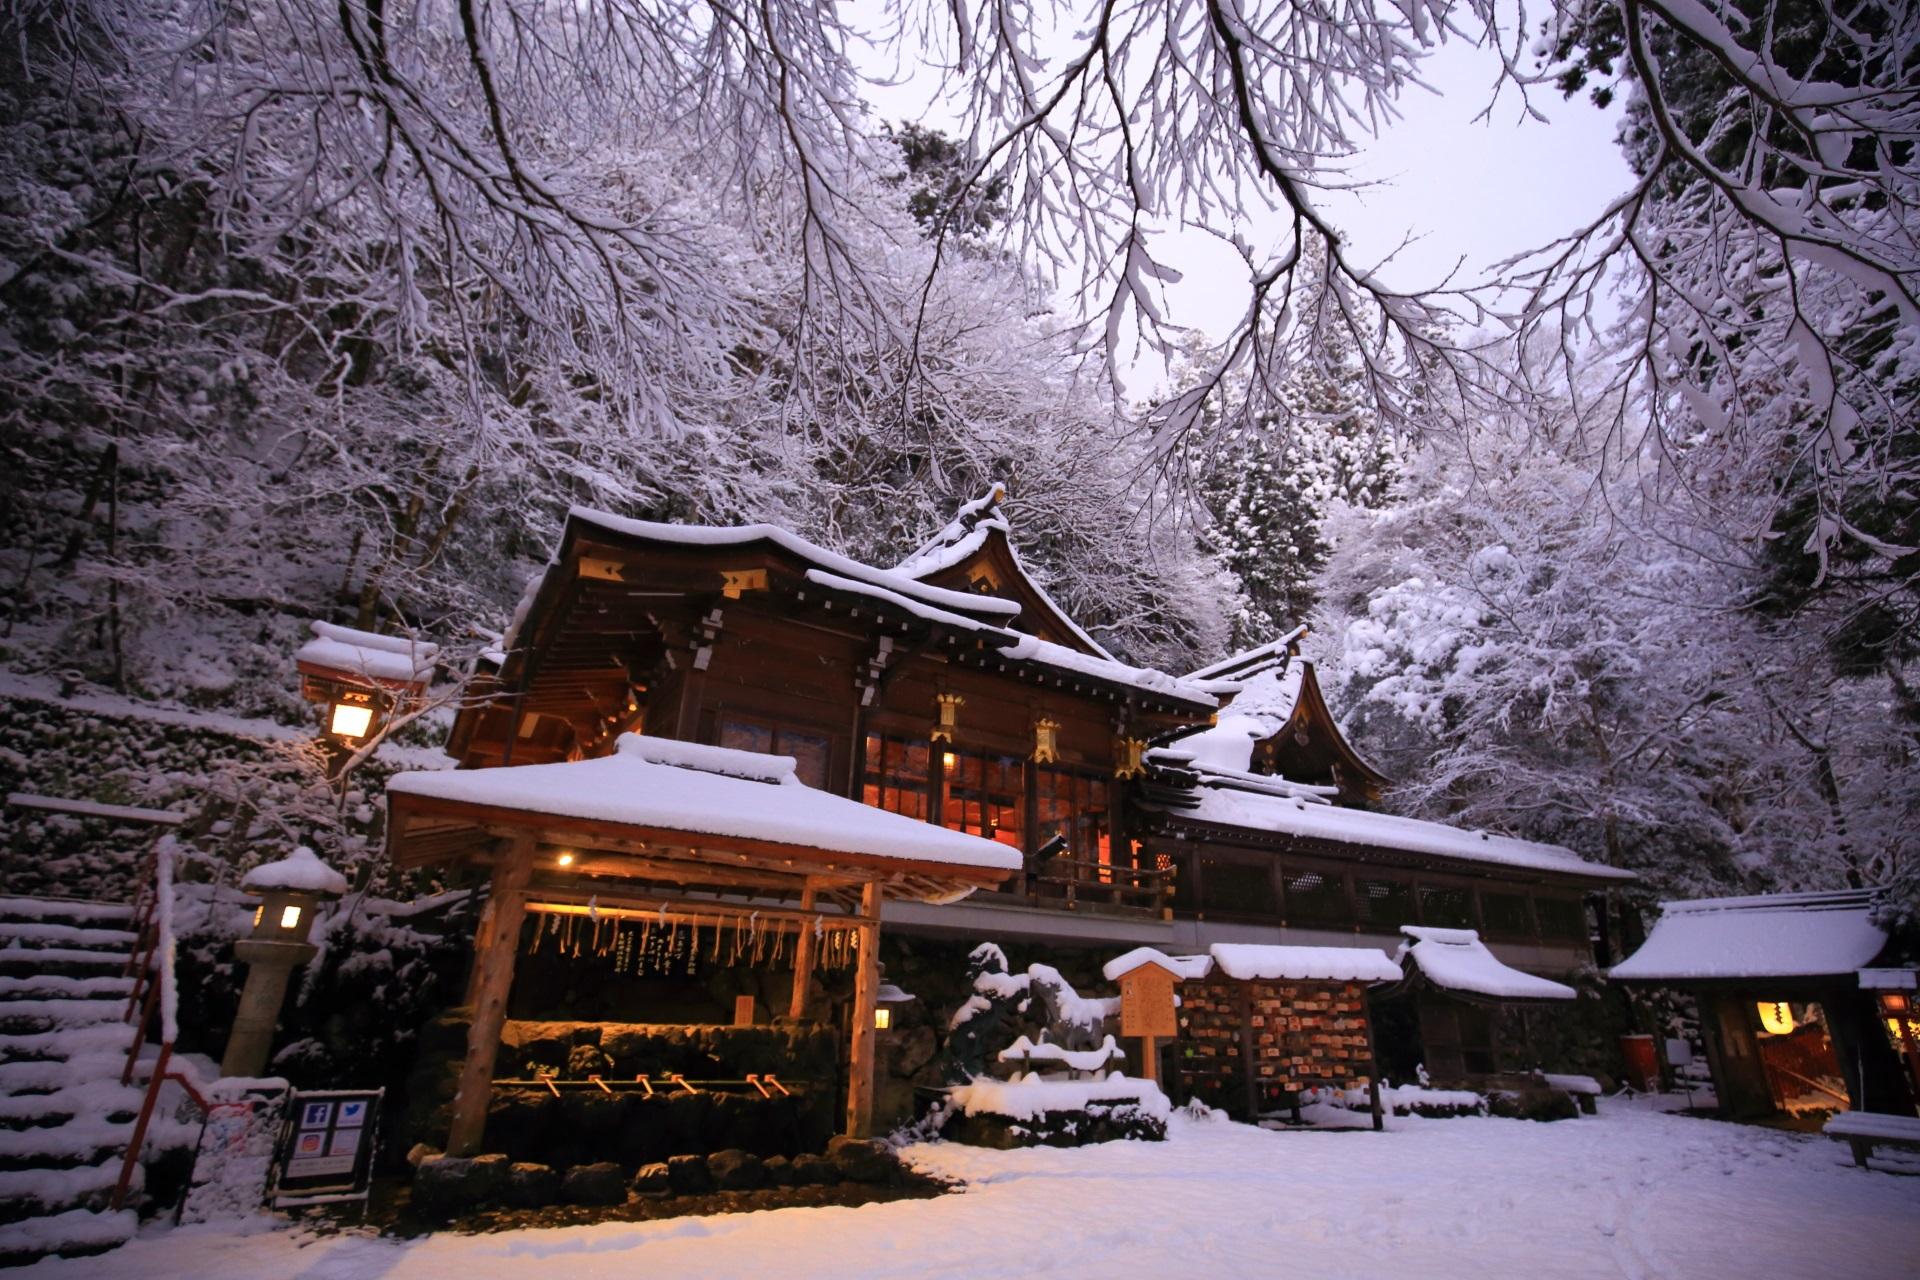 美しすぎる雪の日の貴船神社